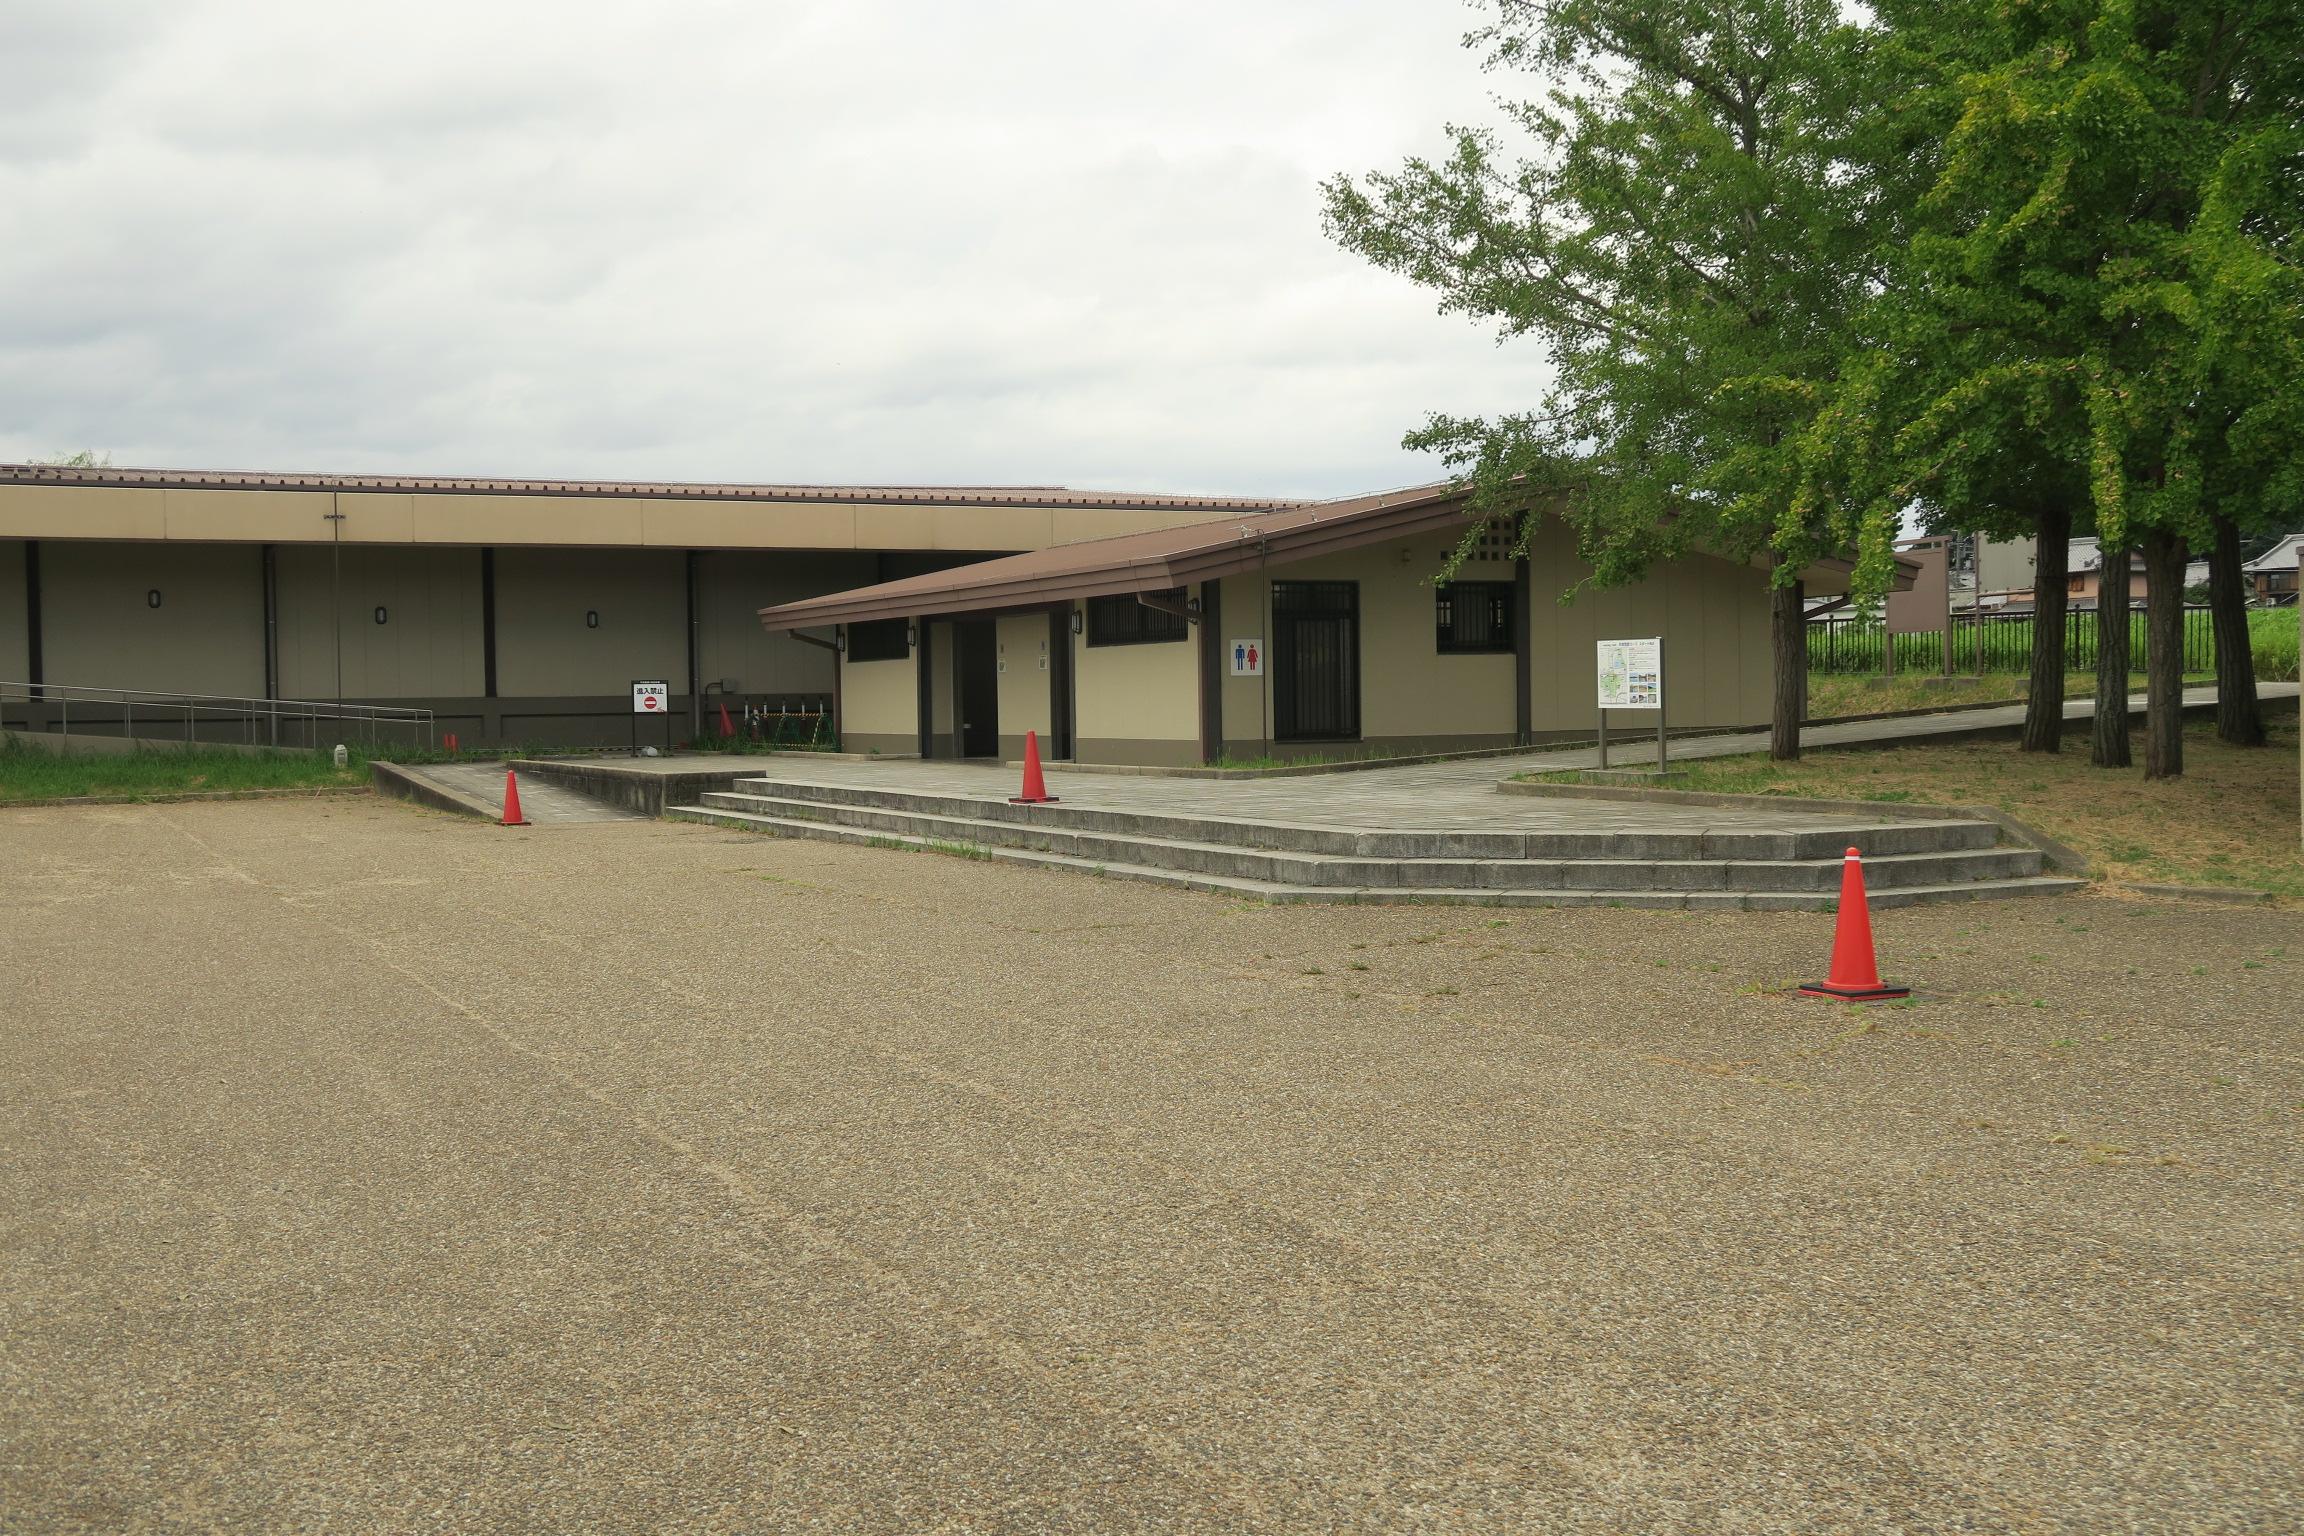 平城宮跡遺構展示館の横にある駐車場とトイレ。